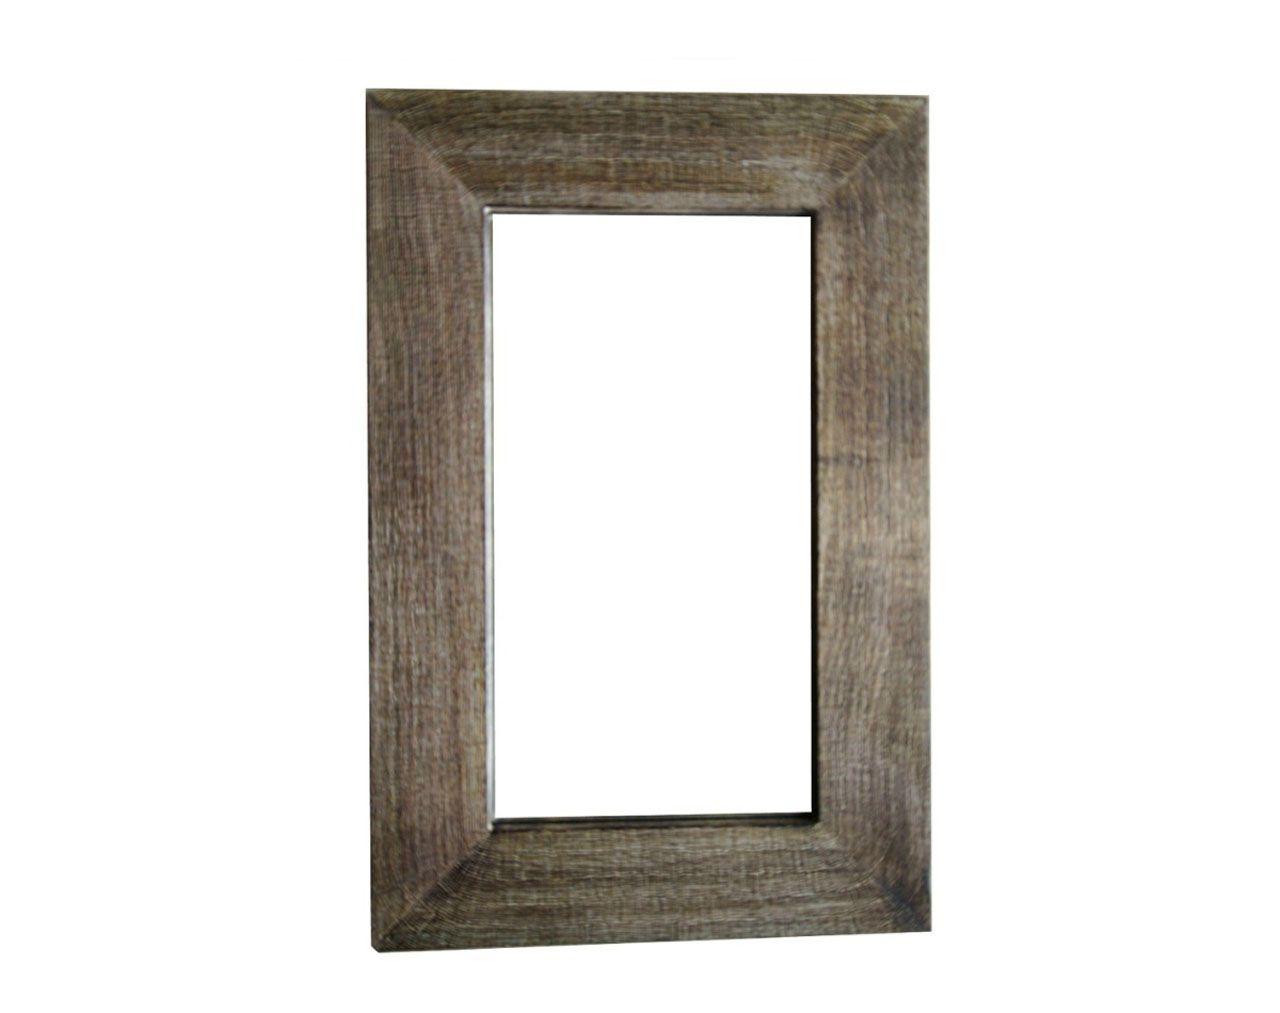 Miroir bois brul rectangulaire 45x70 les sculpteurs du lac for Miroir bois rectangulaire